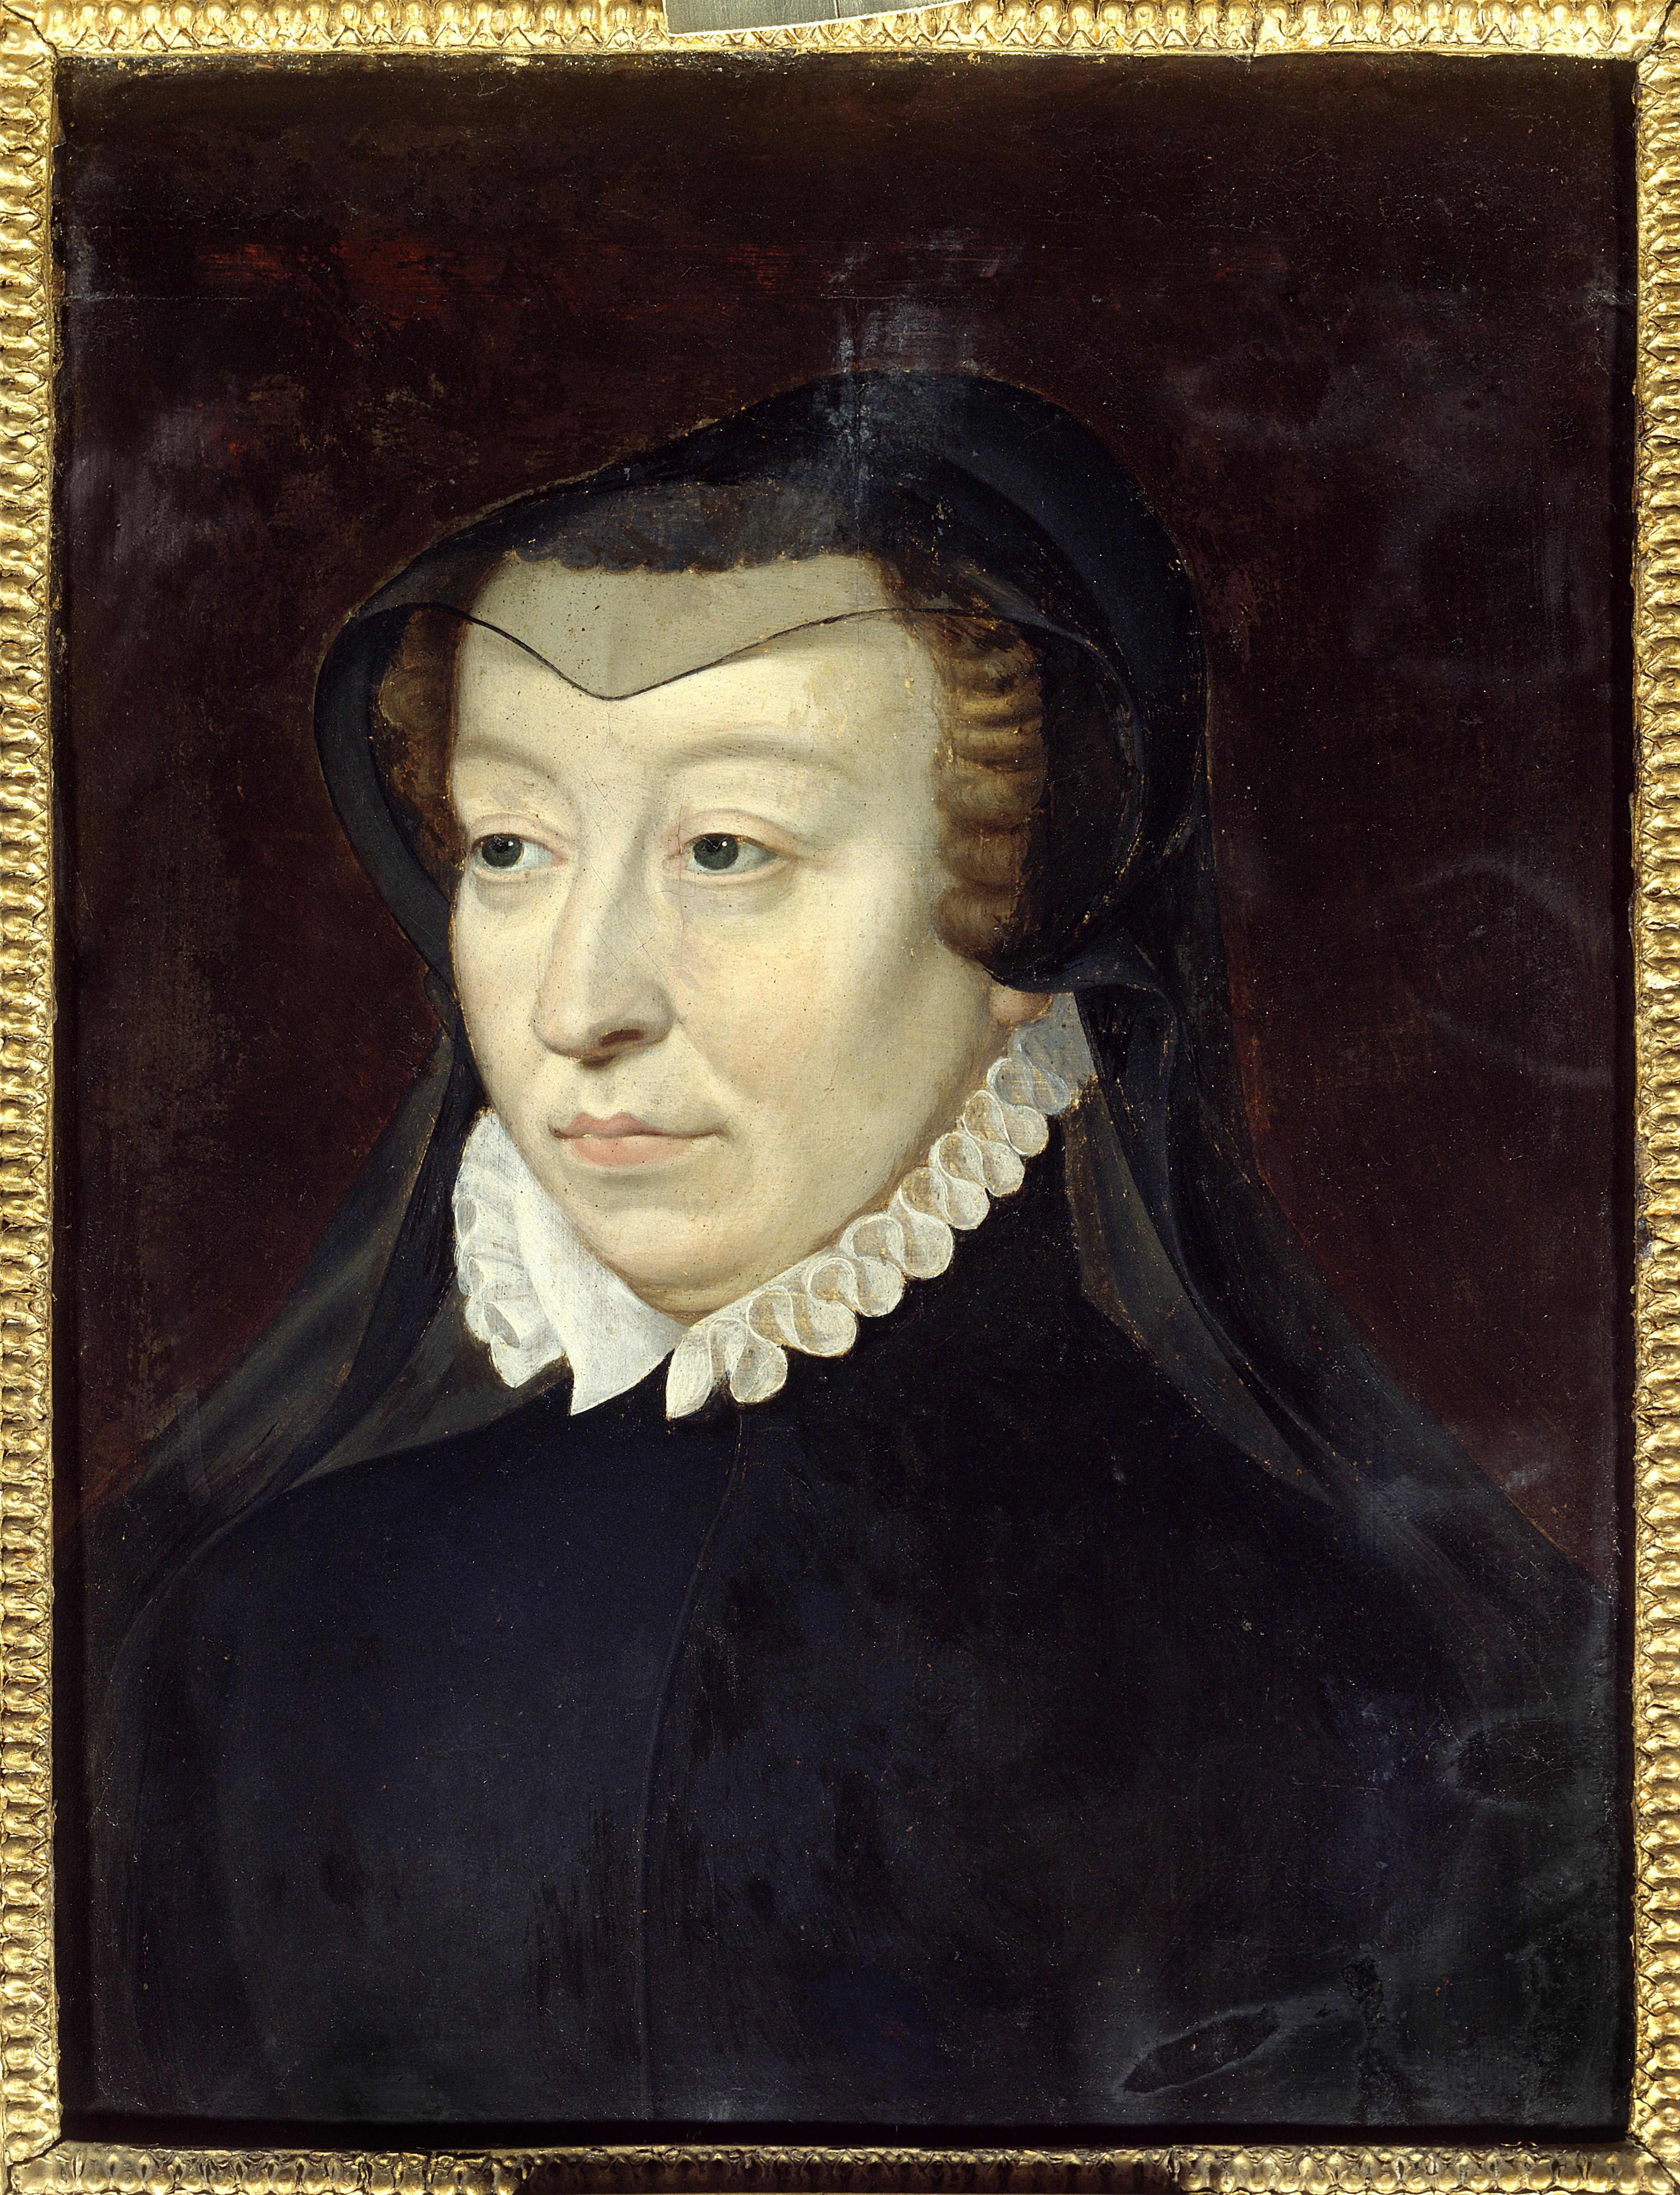 """""""Portrait de Catherine de Medicis (1519-1589), reine de France"""" Peinture d'apres Francois Clouet (vers 1515-1572) Dim. 0,33x0,24 m 16eme siecle Chantilly, musee Conde ©Photo Josse/Leemage"""